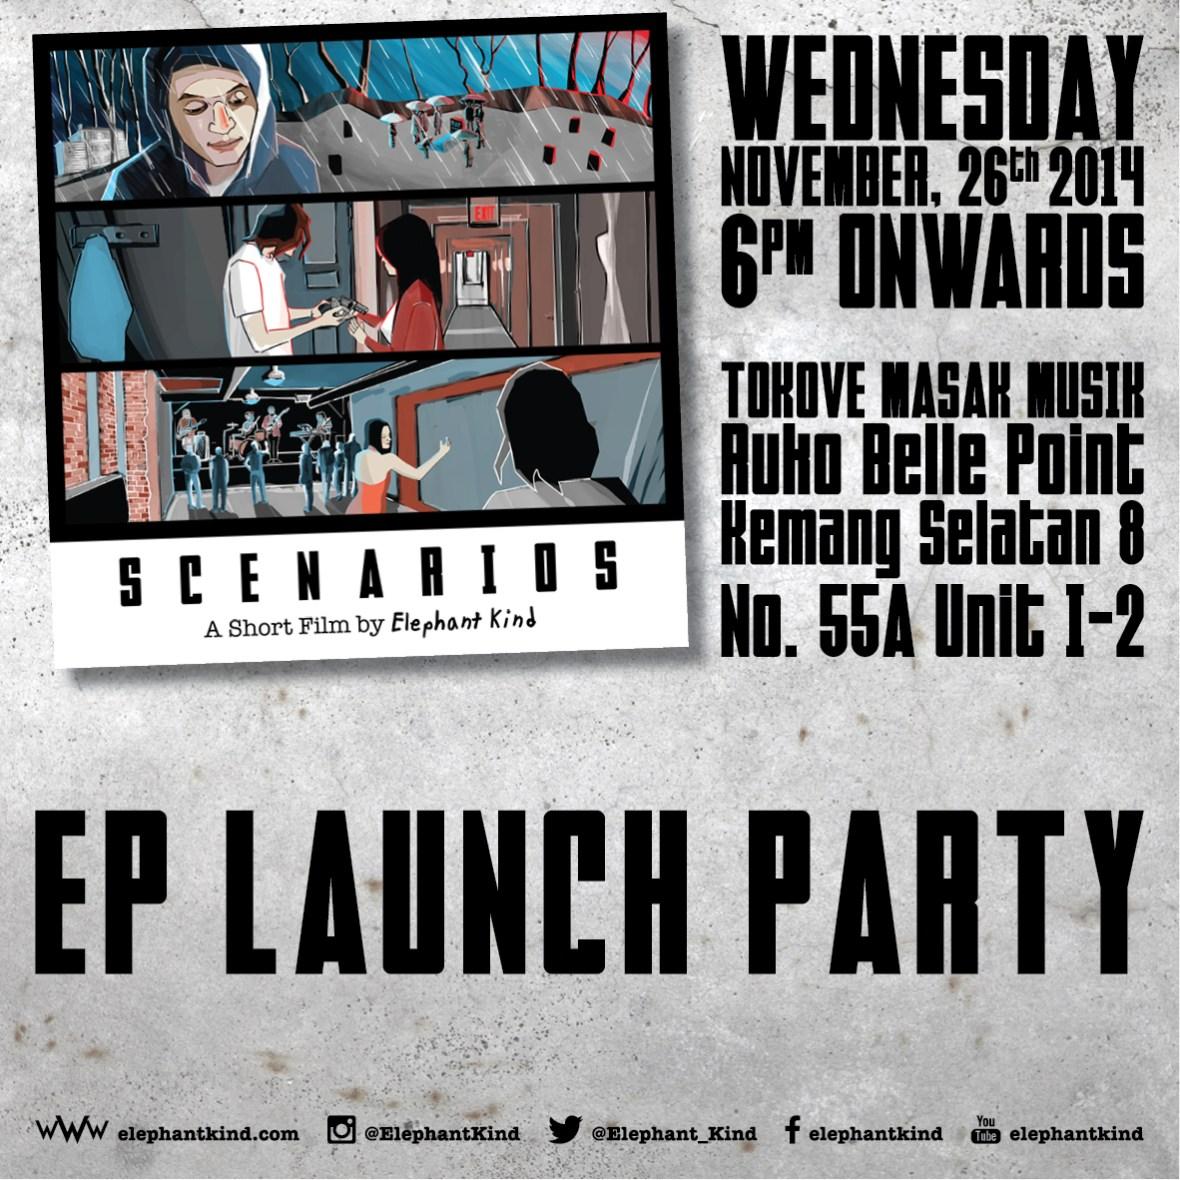 Scenarios poster event 2